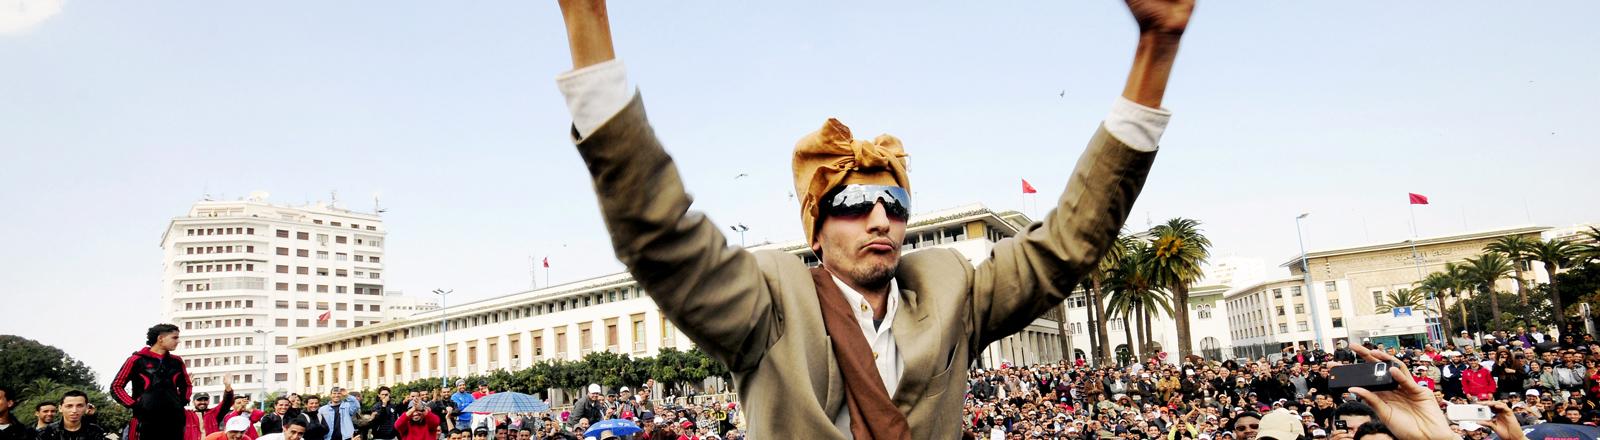 Ein Mann protestiert in Casablanca und karikiert Muammar al-Gaddafi